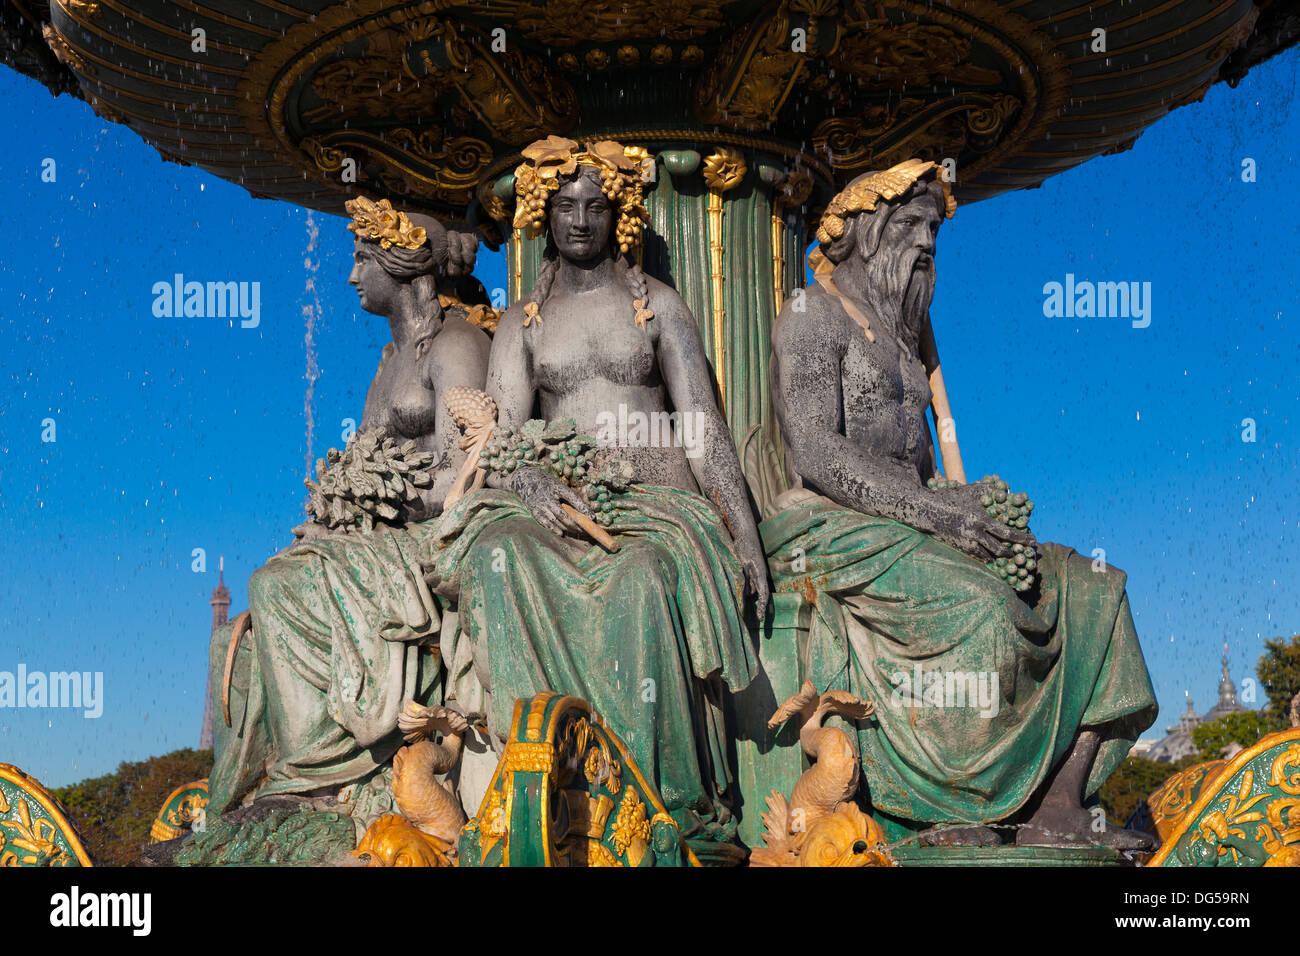 Fontaine des Fleuves, Concorde square, Paris, Ile de France, France - Stock Image